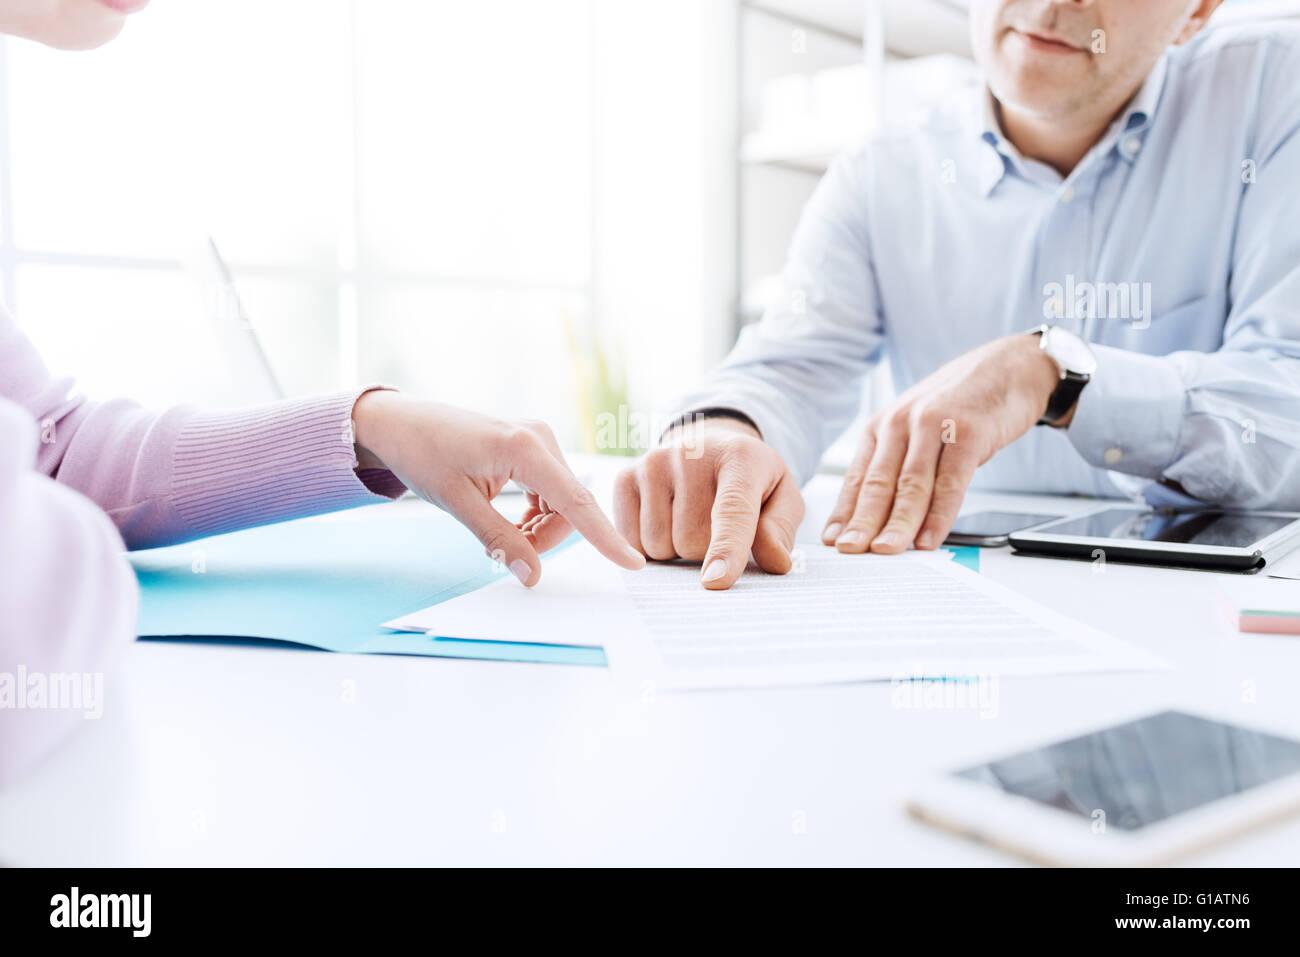 Les gens d'affaires la négociation d'un contrat, qu'ils pointent sur un document et discuter ensemble Photo Stock